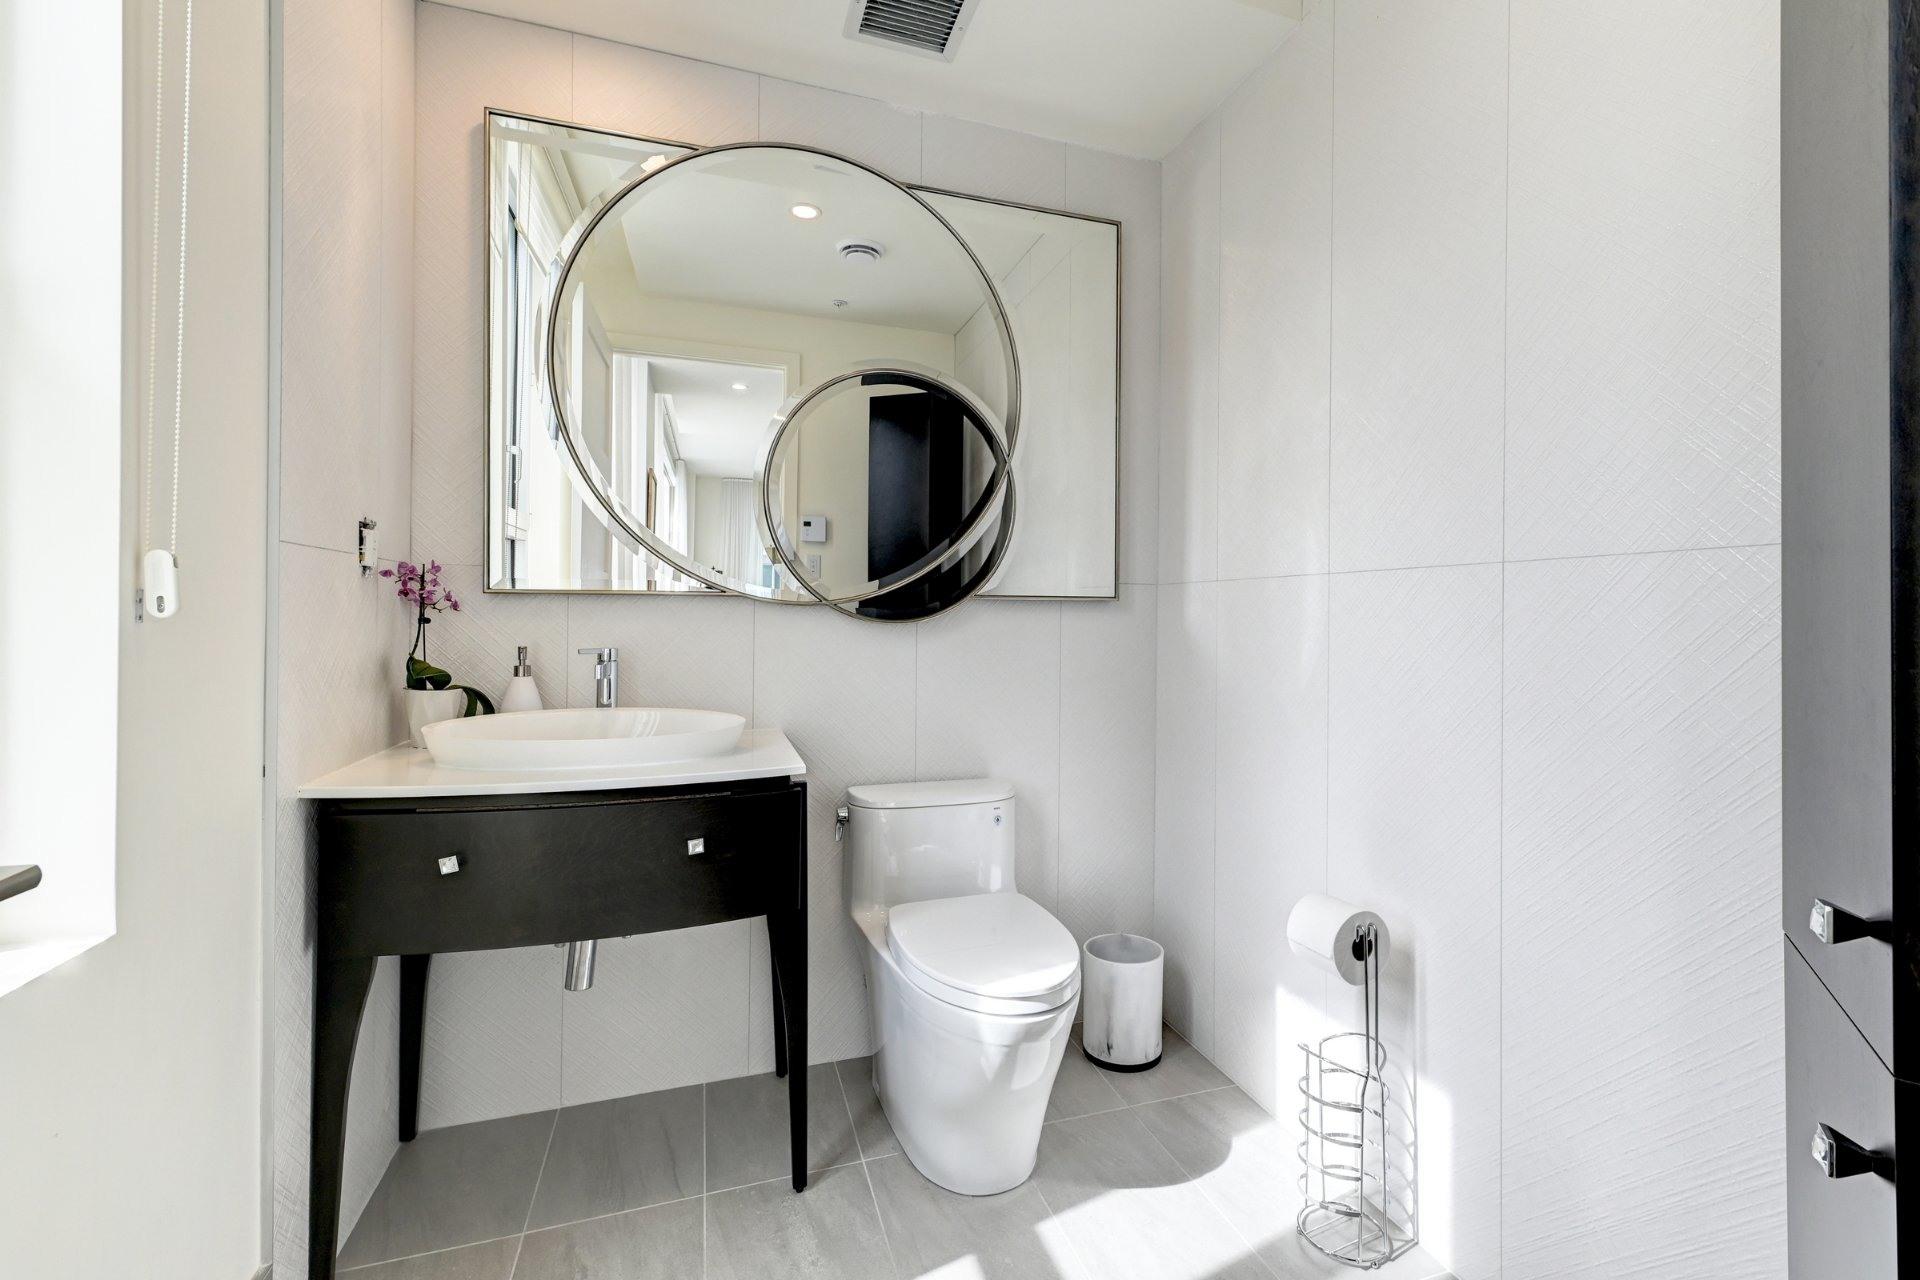 image 34 - Appartement À vendre Côte-des-Neiges/Notre-Dame-de-Grâce Montréal  - 16 pièces